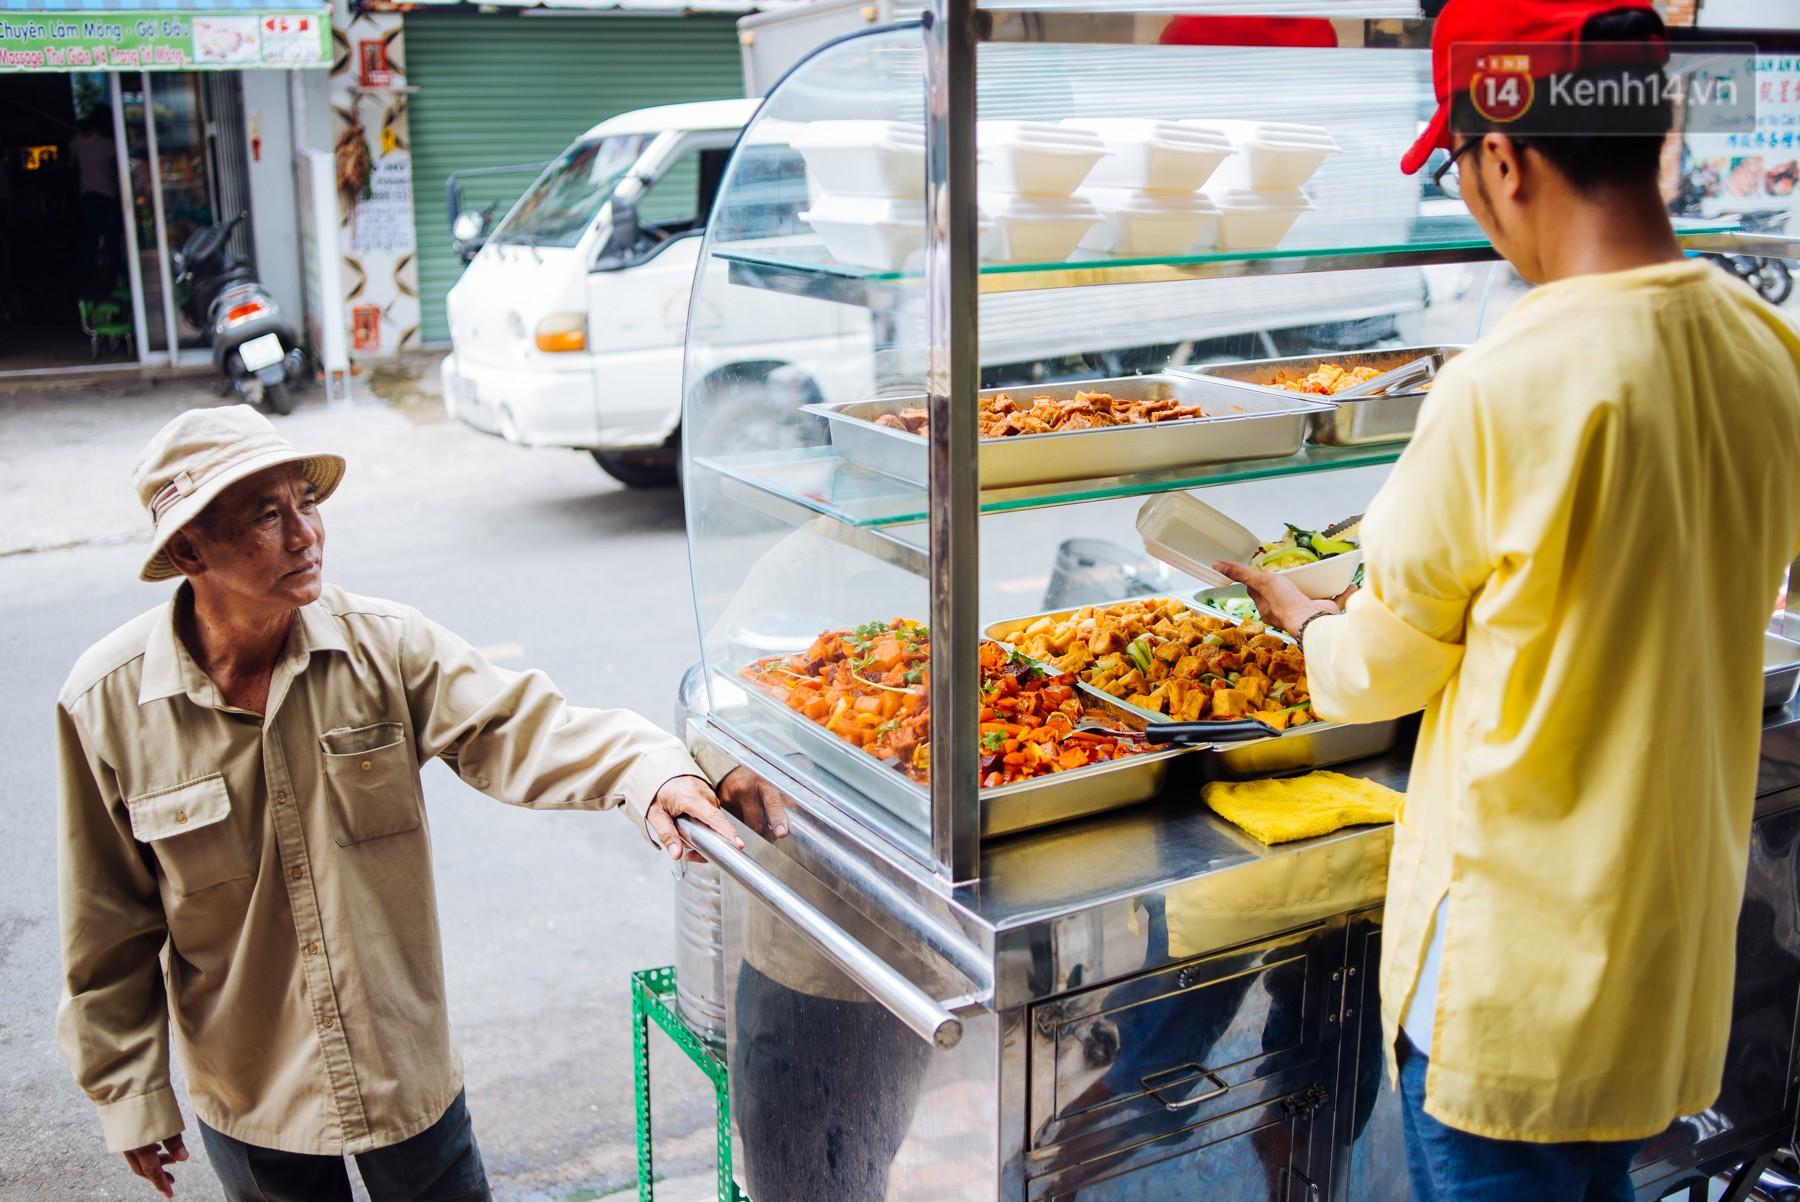 Giàu như anh bán chuối chiên Sài Gòn: Mở quán cơm 5k cho người thu nhập chưa cao, 5 năm đắt hàng - Ảnh 6.